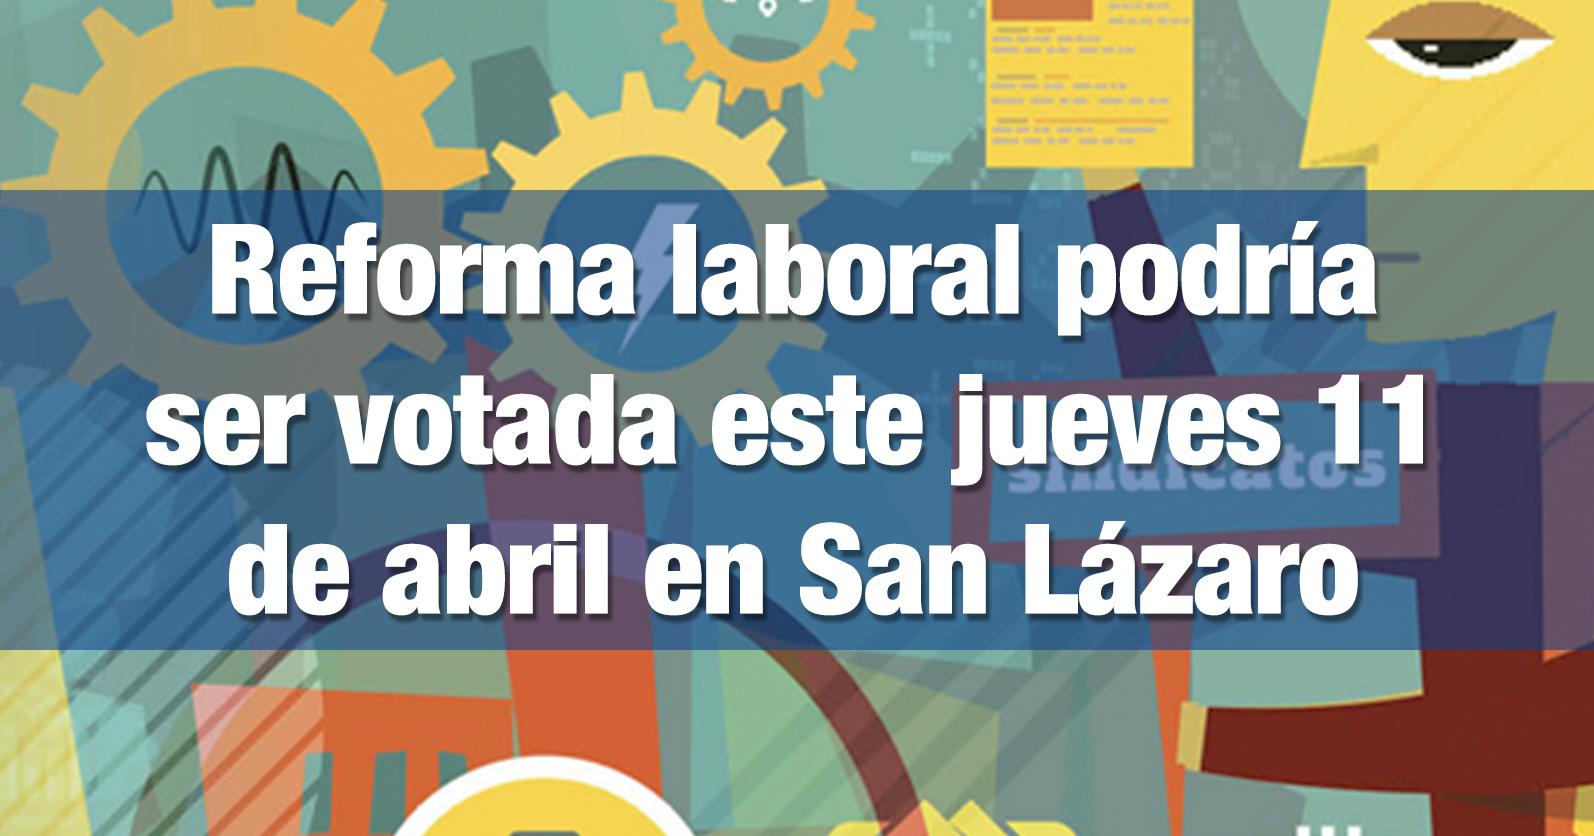 Reforma laboral podría ser votada este jueves 11 de abril en San Lázaro